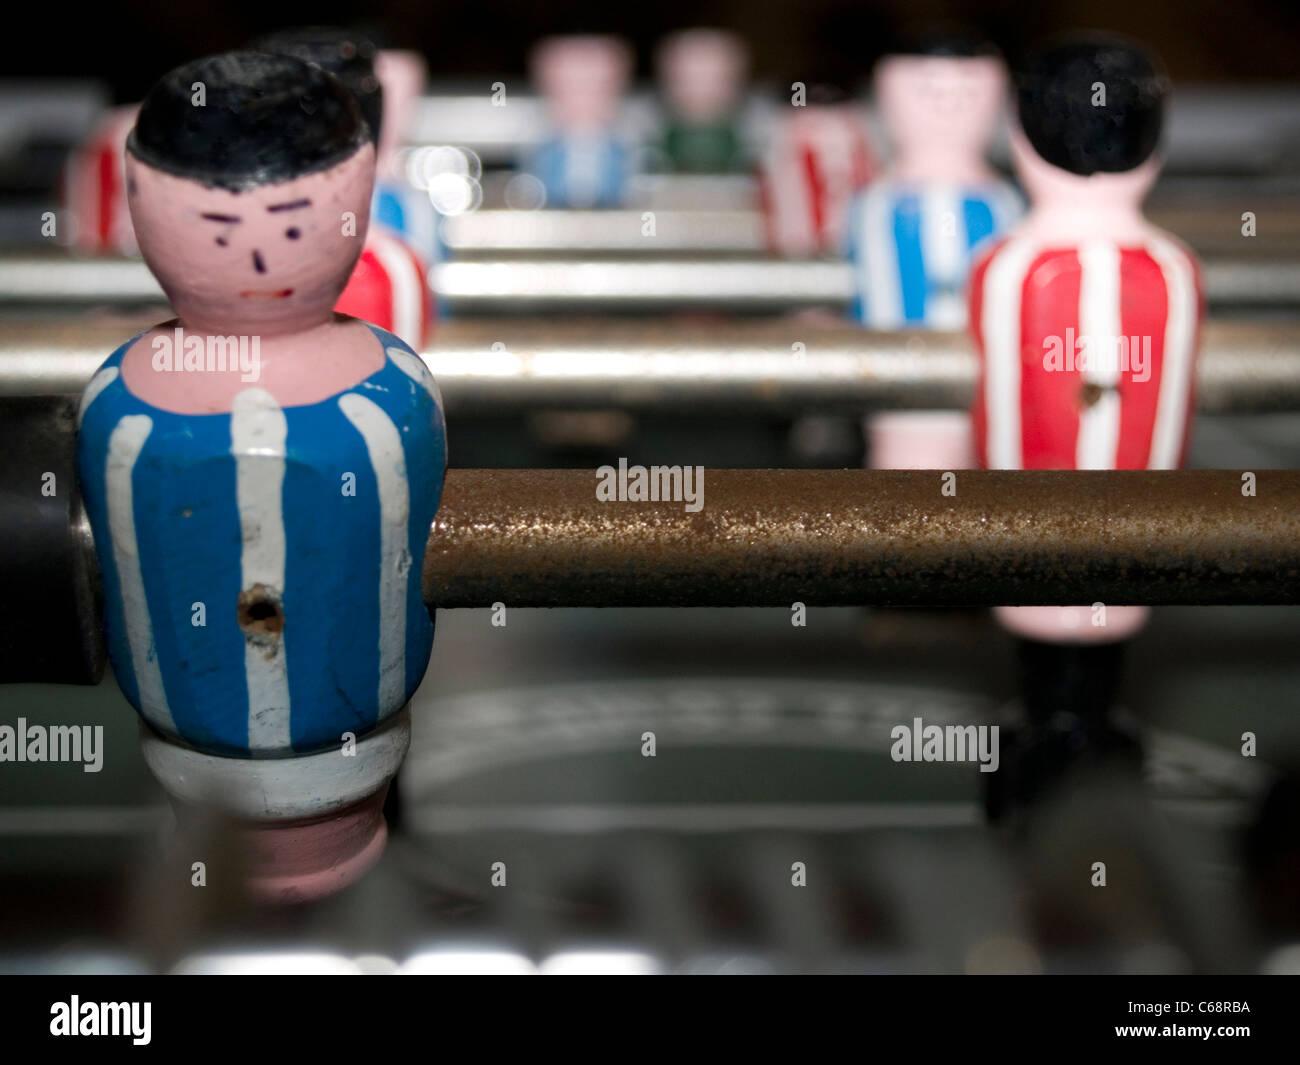 Detailaufnahme eines Tischfußballfeldes | Detail photo of a table soccer field - Stock Image